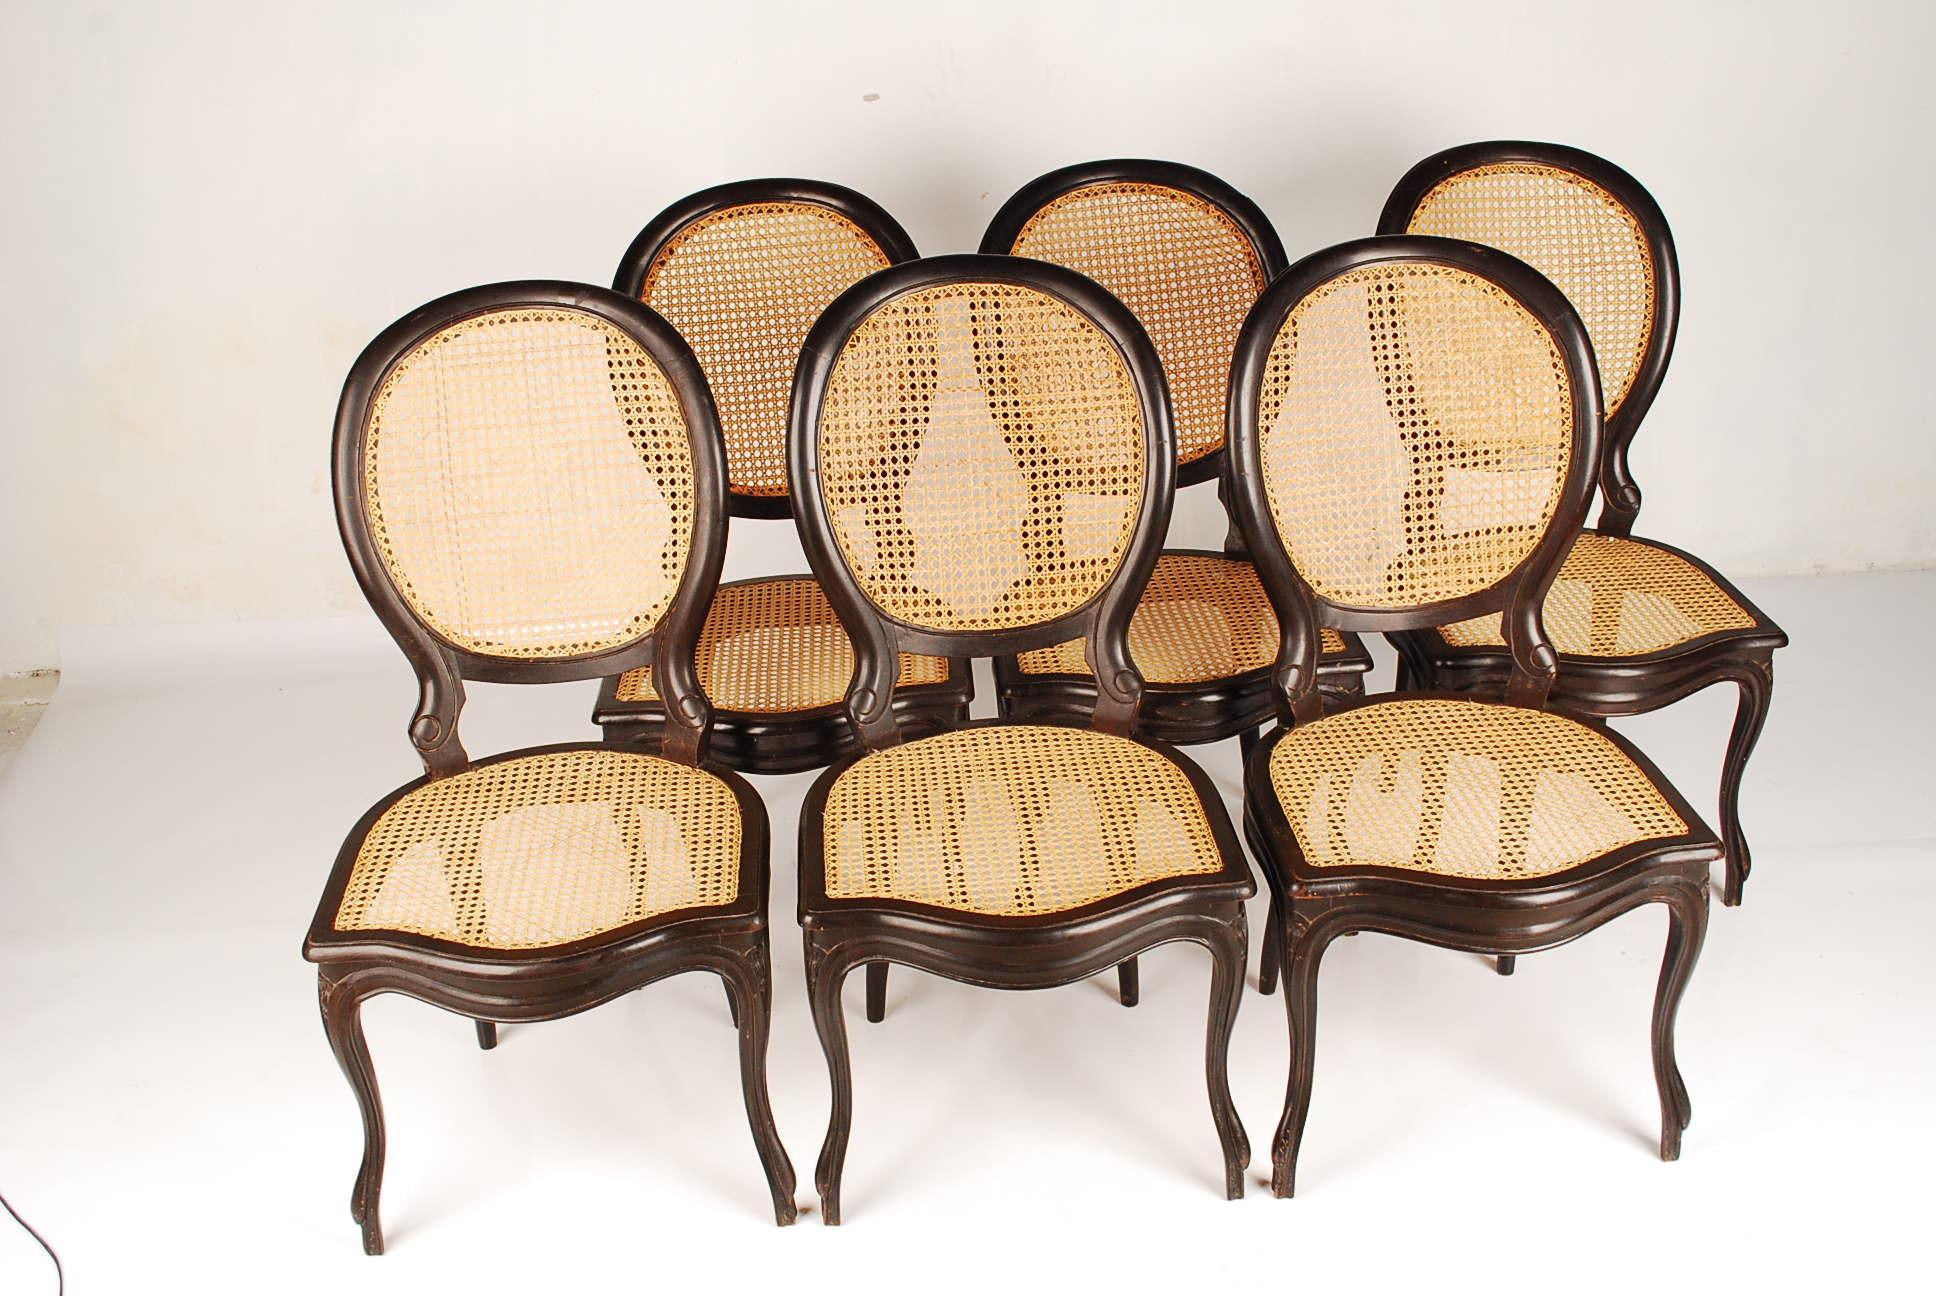 Cadeira de Balanço austríaca Thonet #A16F2A 1936x1296